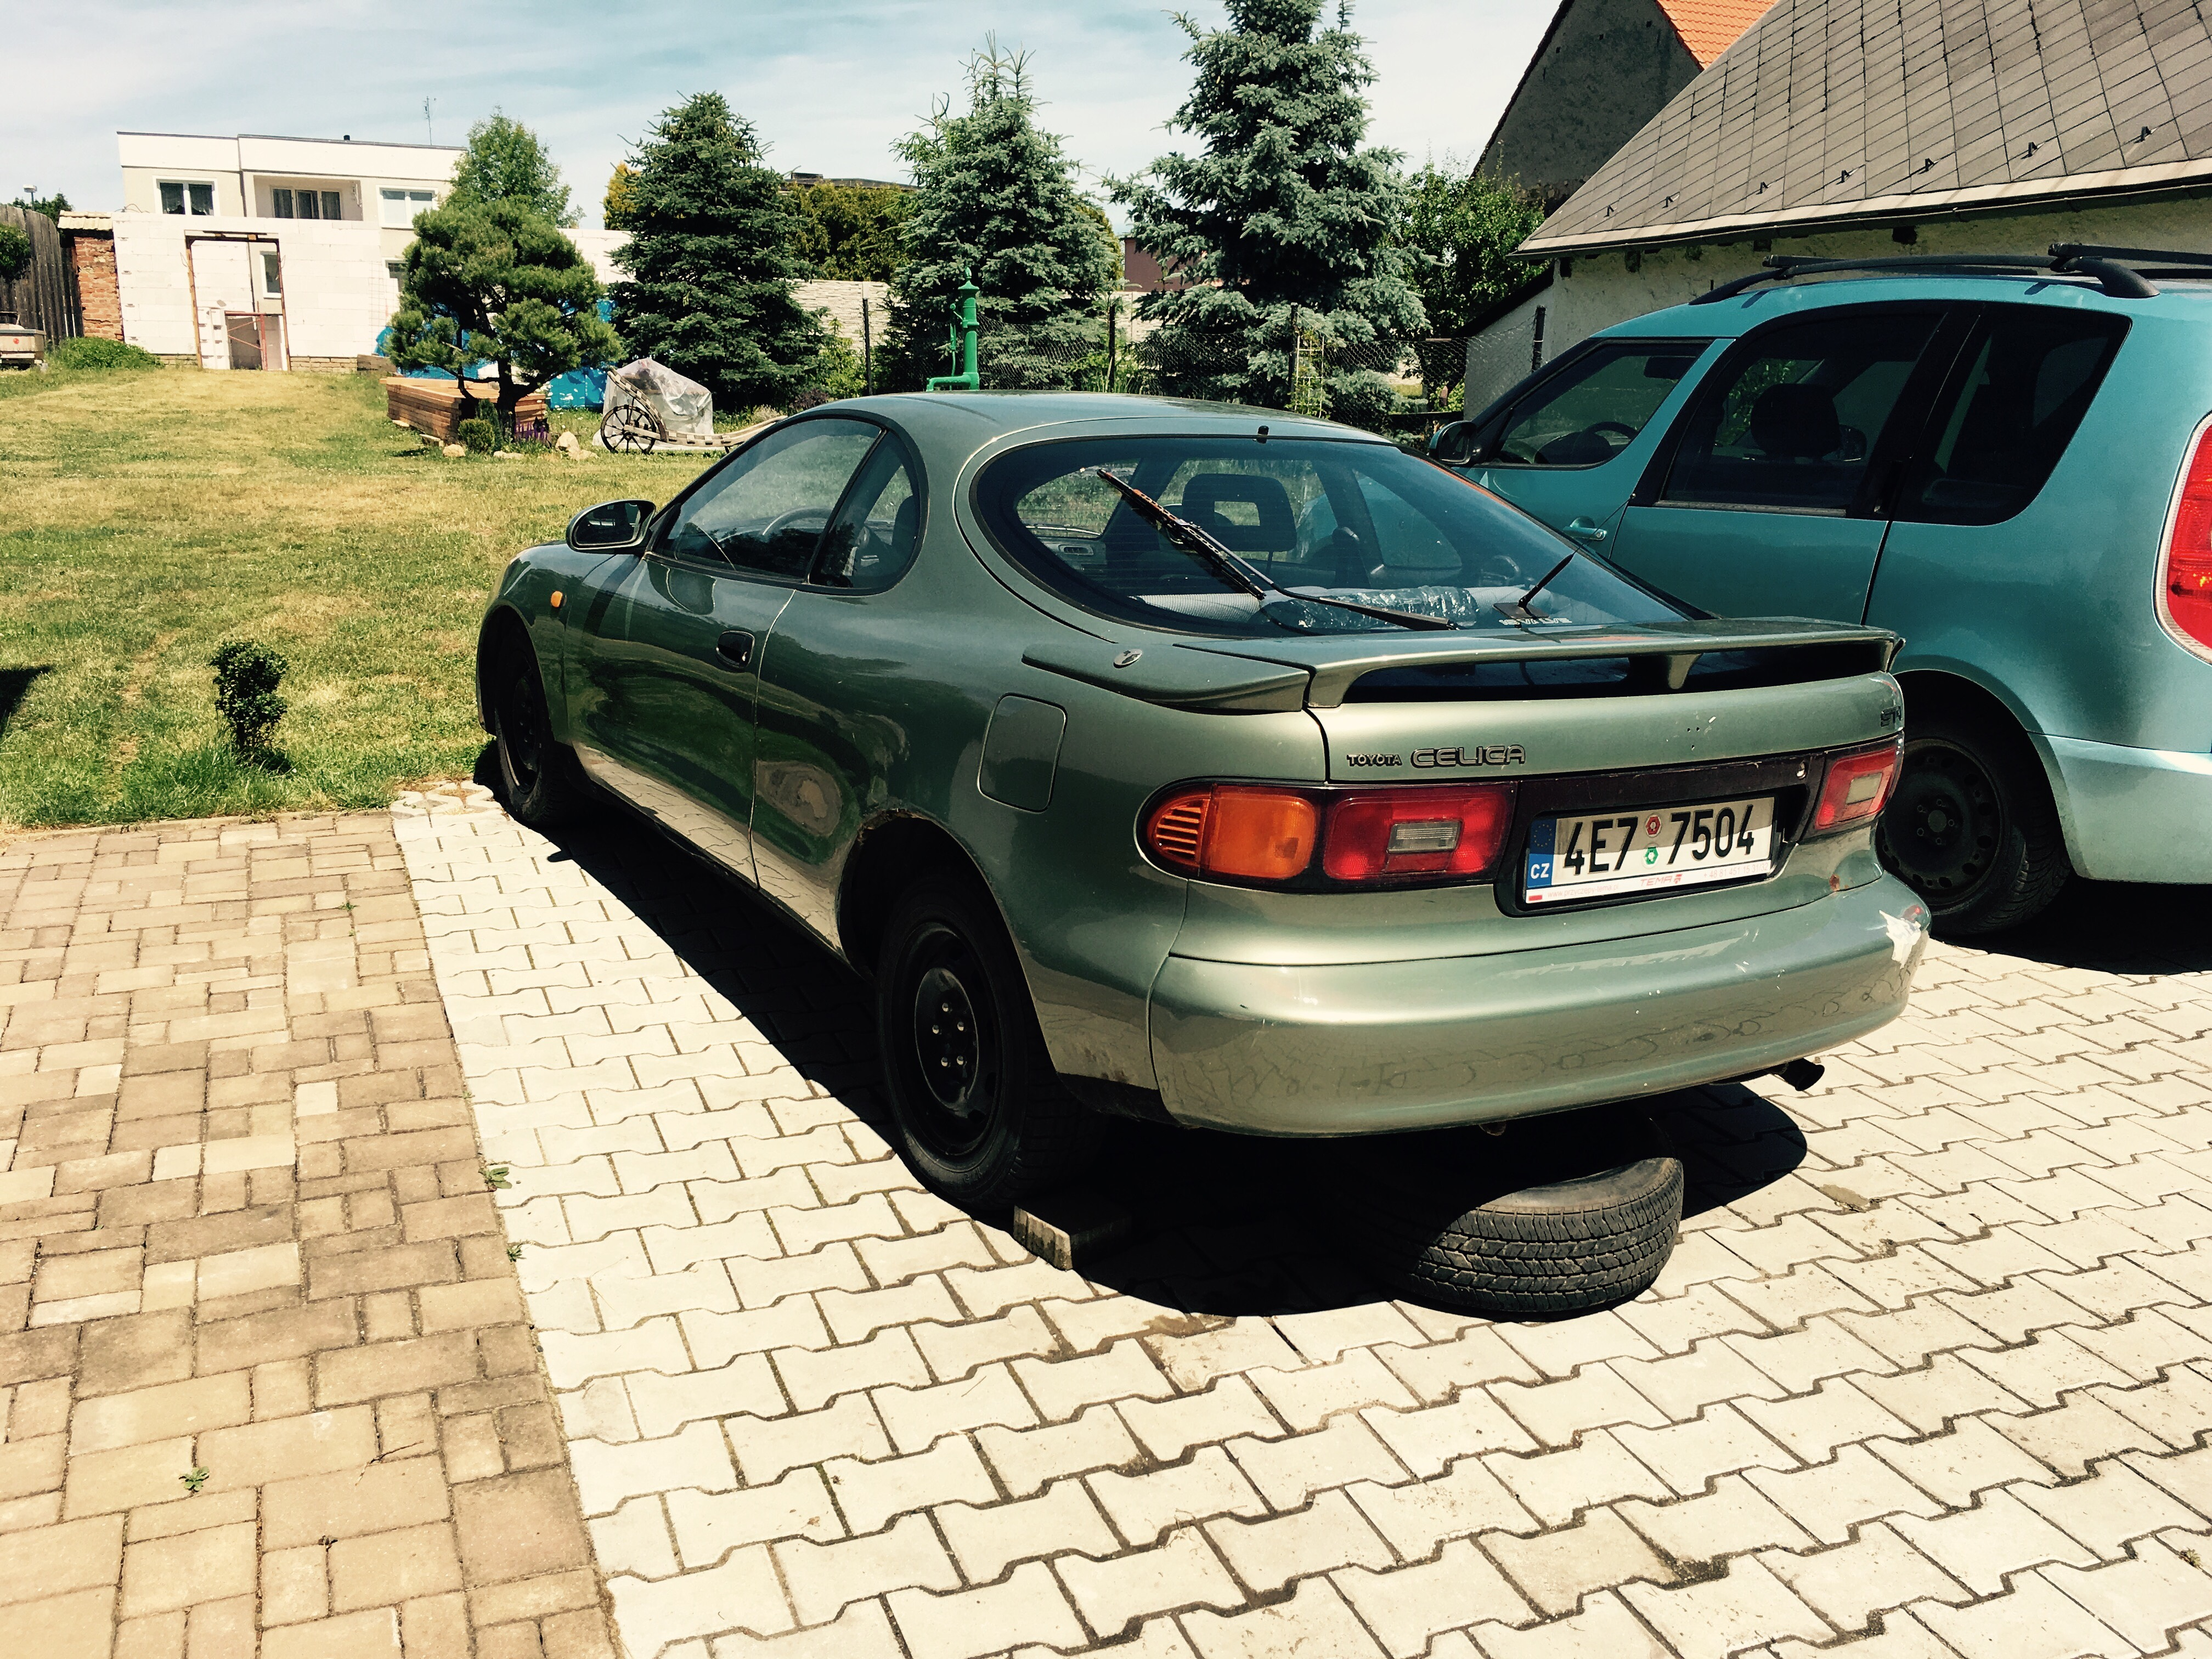 Kelebihan Kekurangan Toyota Celica 1993 Top Model Tahun Ini